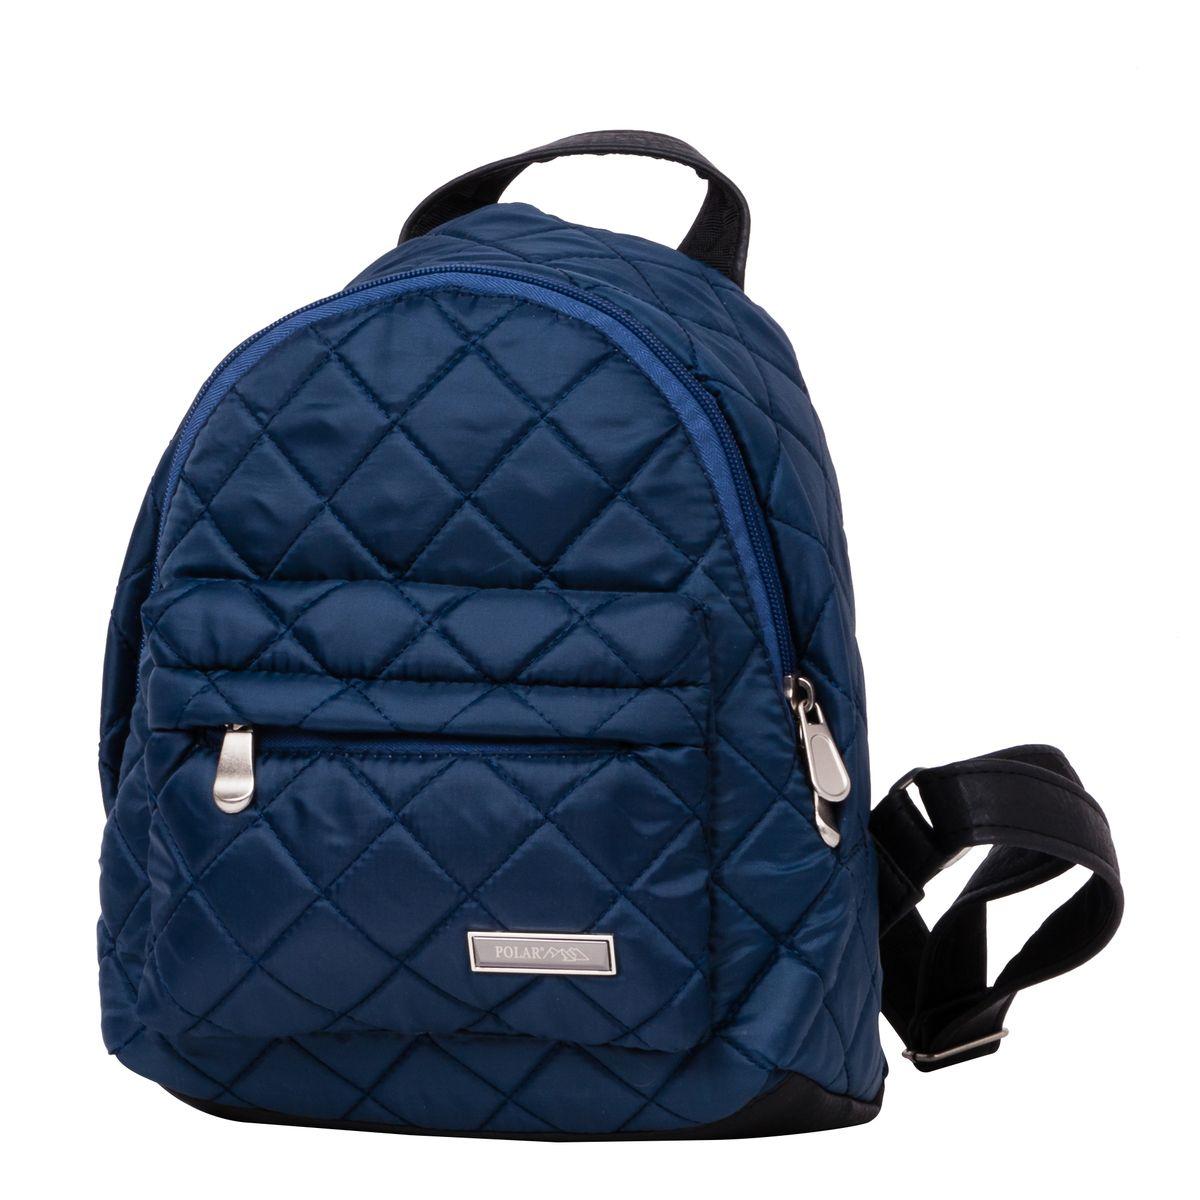 Рюкзак городской женский Polar, цвет: темно-синий, 9 л. п7075-04RU-704-3/1Рюкзак Polar выполнен из высококачественного полиэстера, который не пропускает воду. Рюкзак оформлен декоративной прострочкой и фирменной металлической пластинкой.На лицевой стороне расположен объемный накладной карман на молнии для мелочей. Рюкзак имеет петлю для подвешивания и две удобные лямки, длина которых регулируется с помощью пряжек. Изделие застегивается на застежку-молнию. Внутри расположено главное отделение, которое содержит вшитый карман на молнии и два открытых накладных кармана для телефона и мелочей.